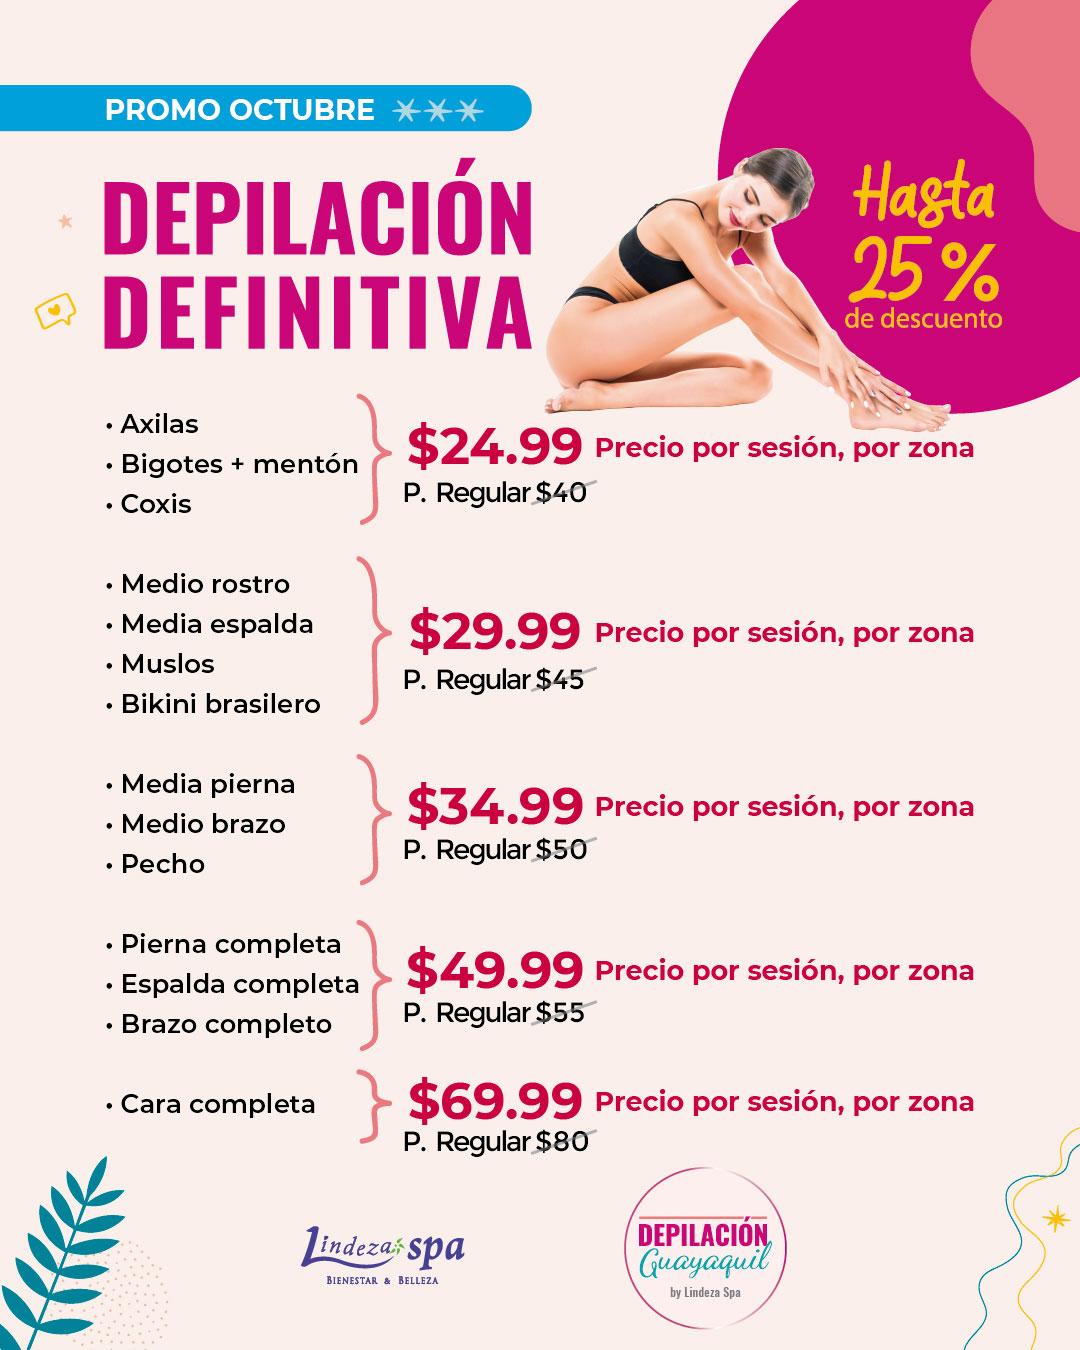 Depilación definitiva, depilación guayaquil, spa en Guayaquil, día de spa, tratamientos sin inyecciones